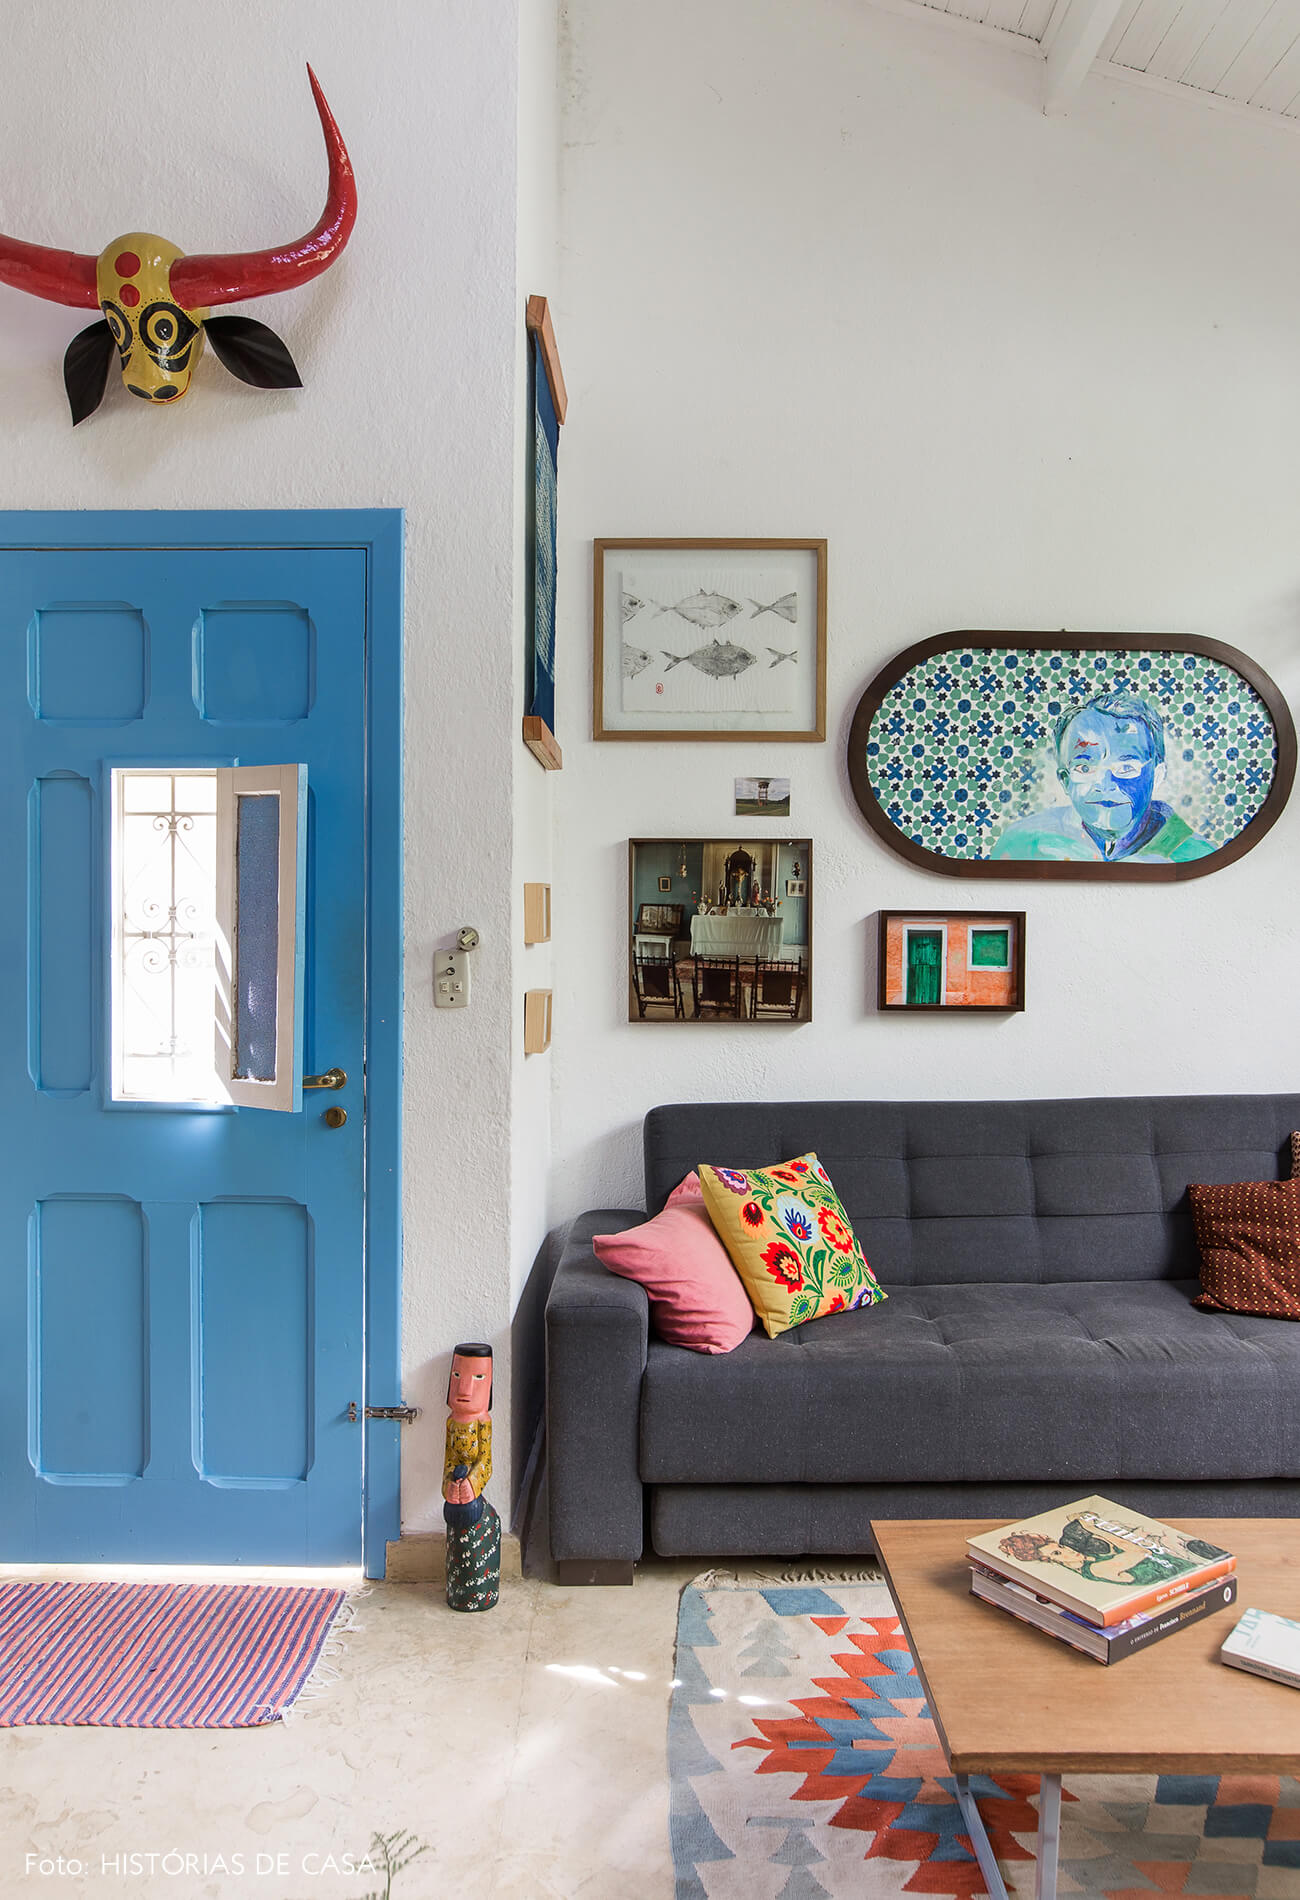 Sala bem colorida com porta azul e muitos quadros